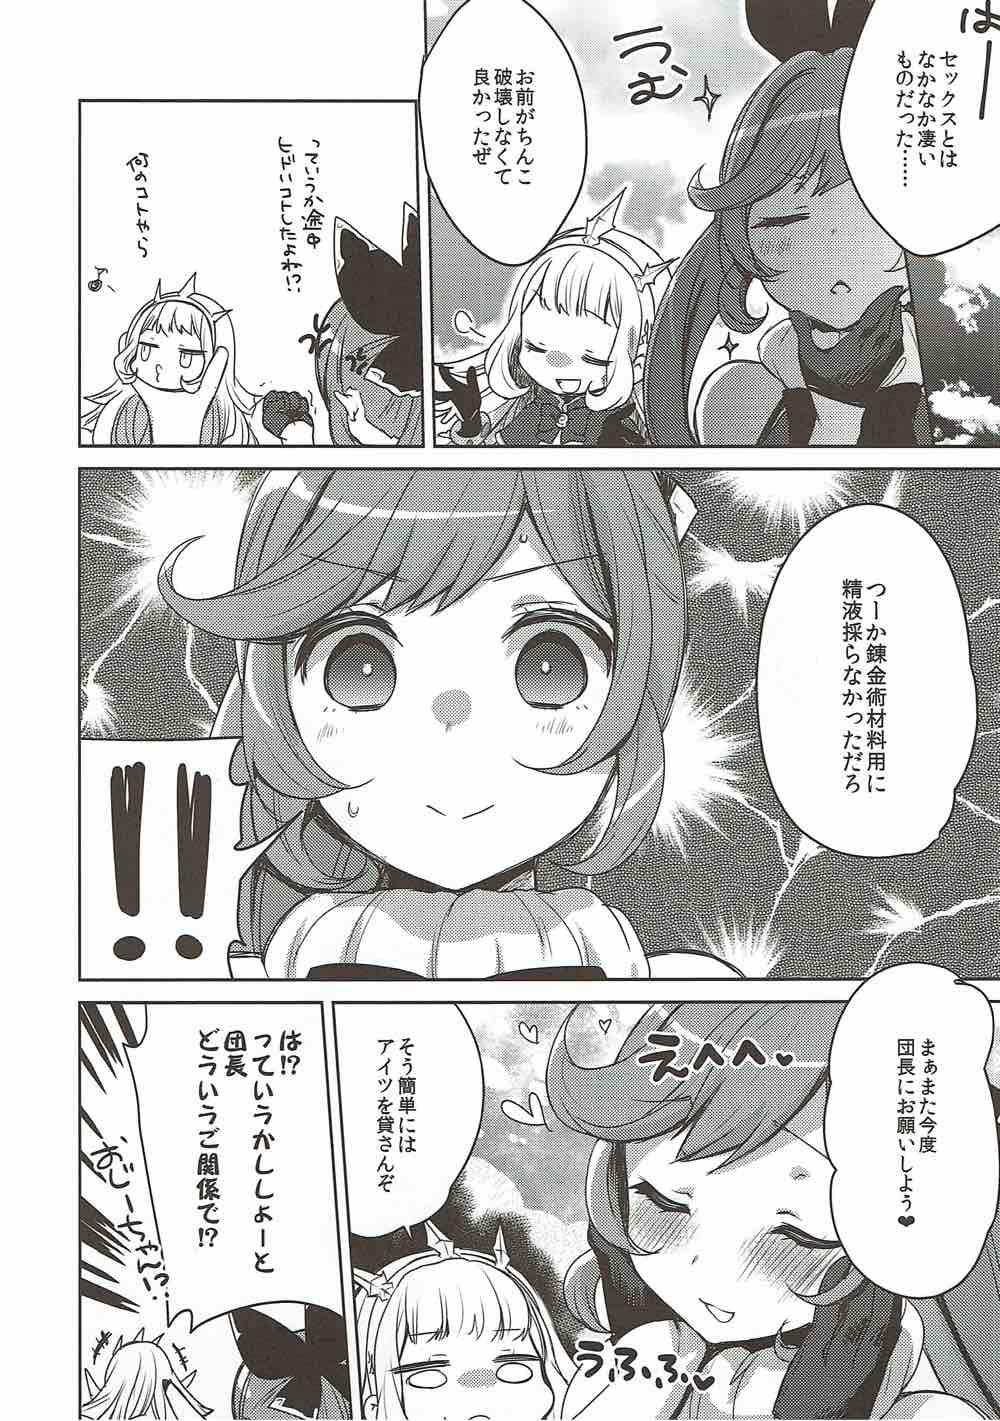 Danchou-san to Renkinjutsushi 22